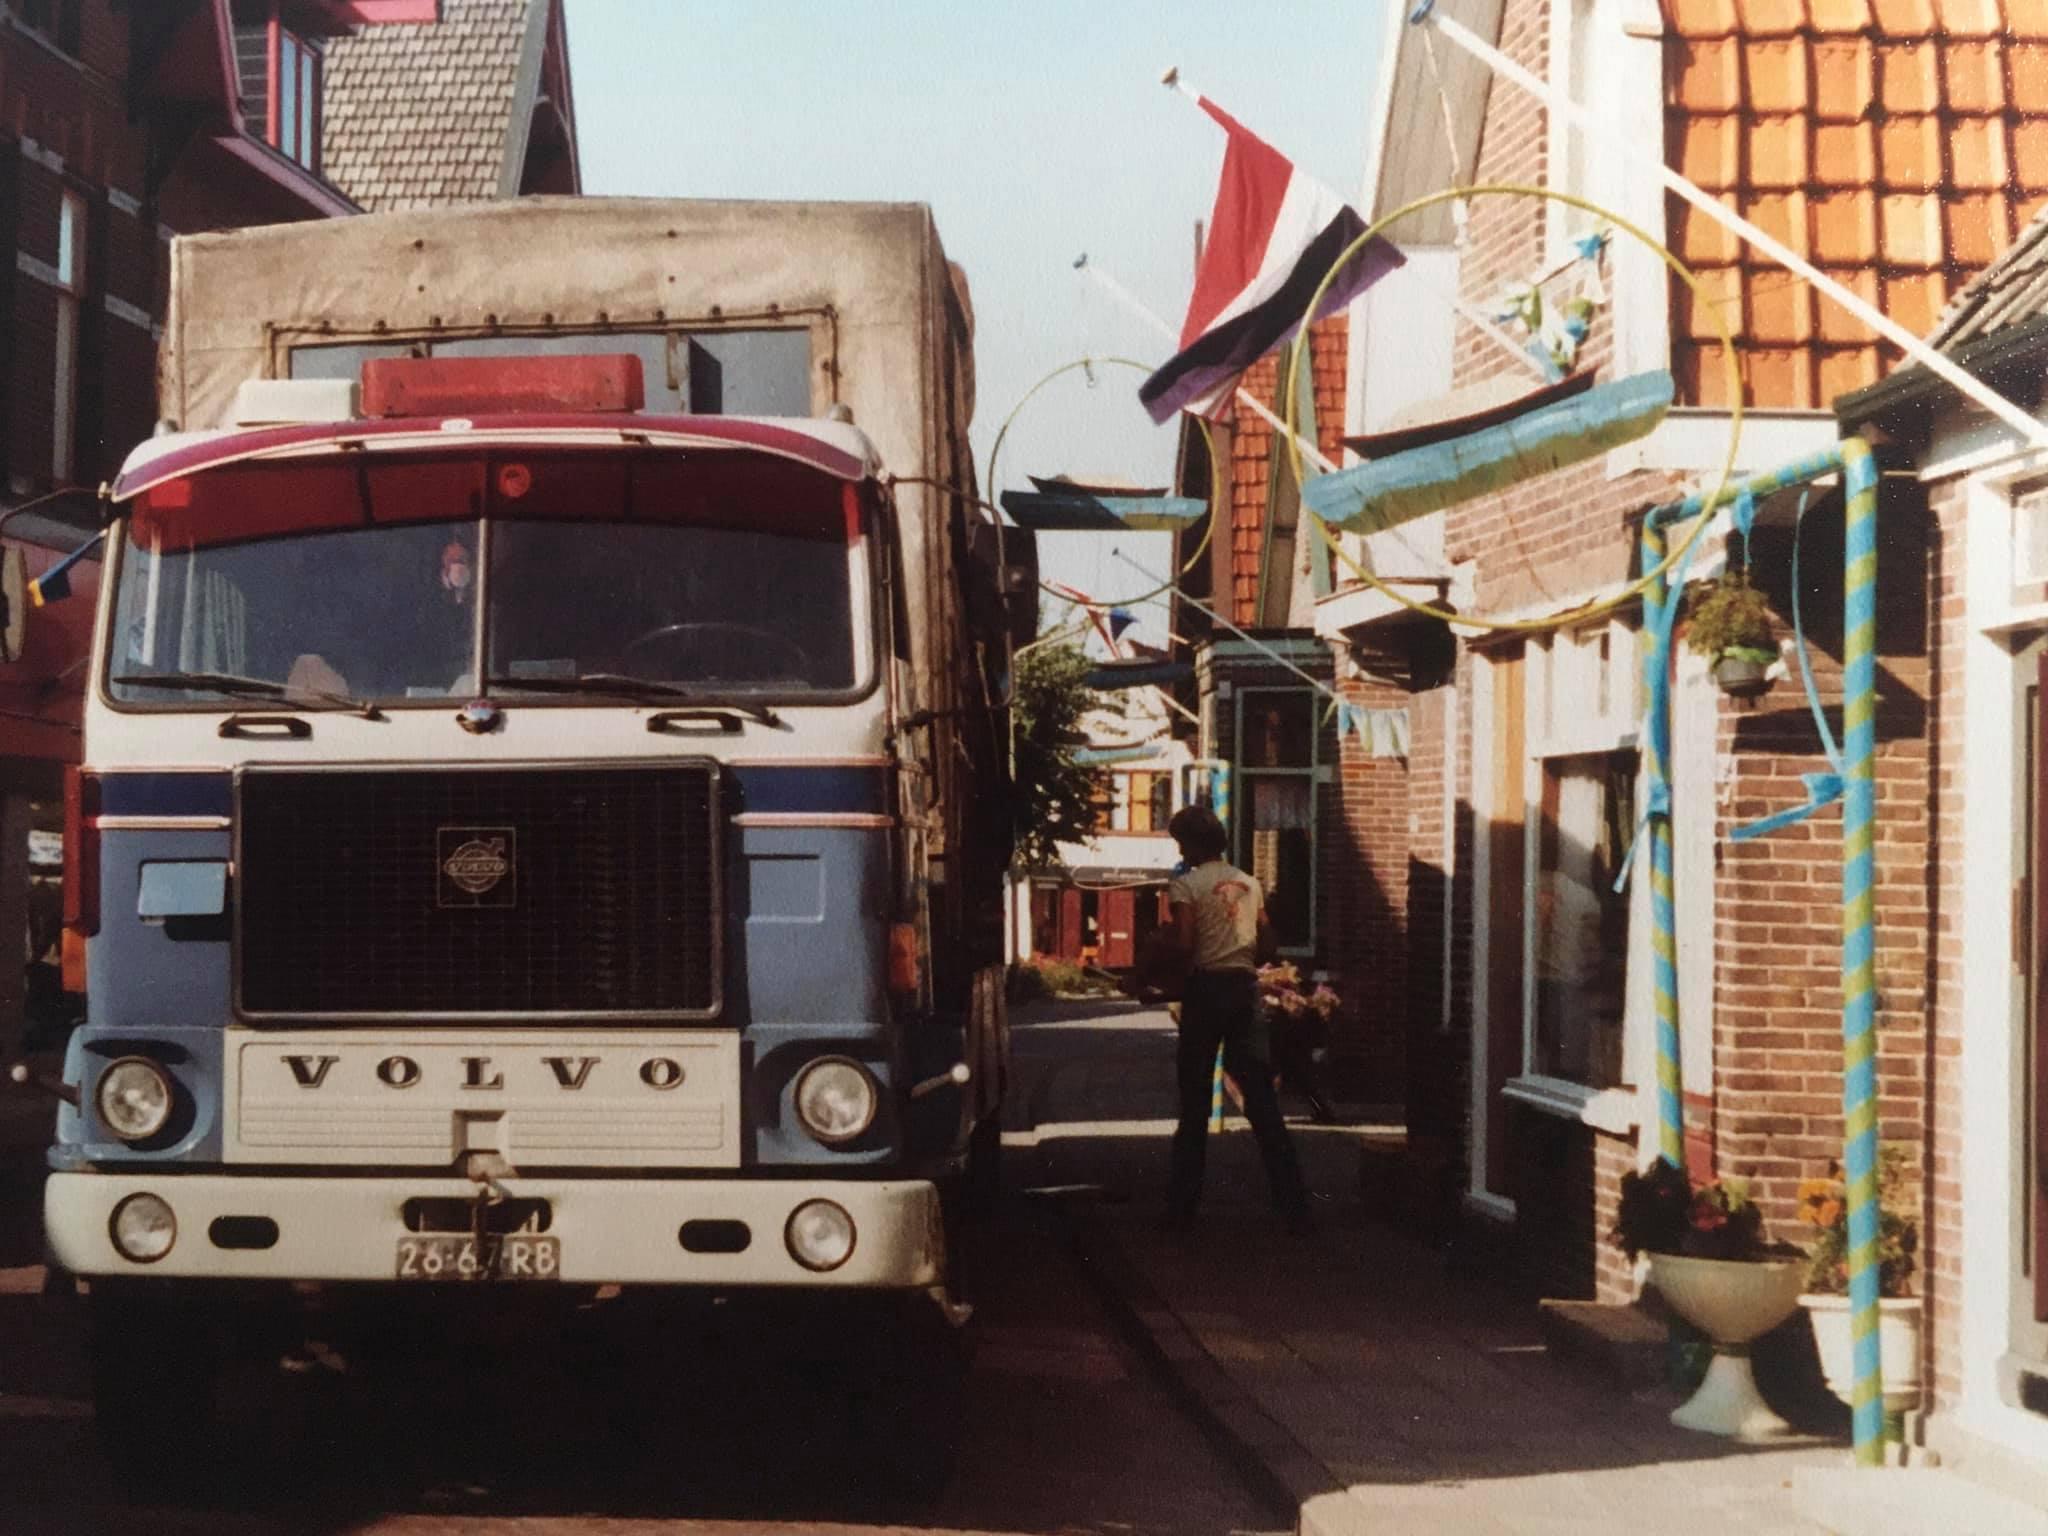 Volvo-F88-1976-Jaap-Bleeker---gewoon-thuis-in-Scharwoude